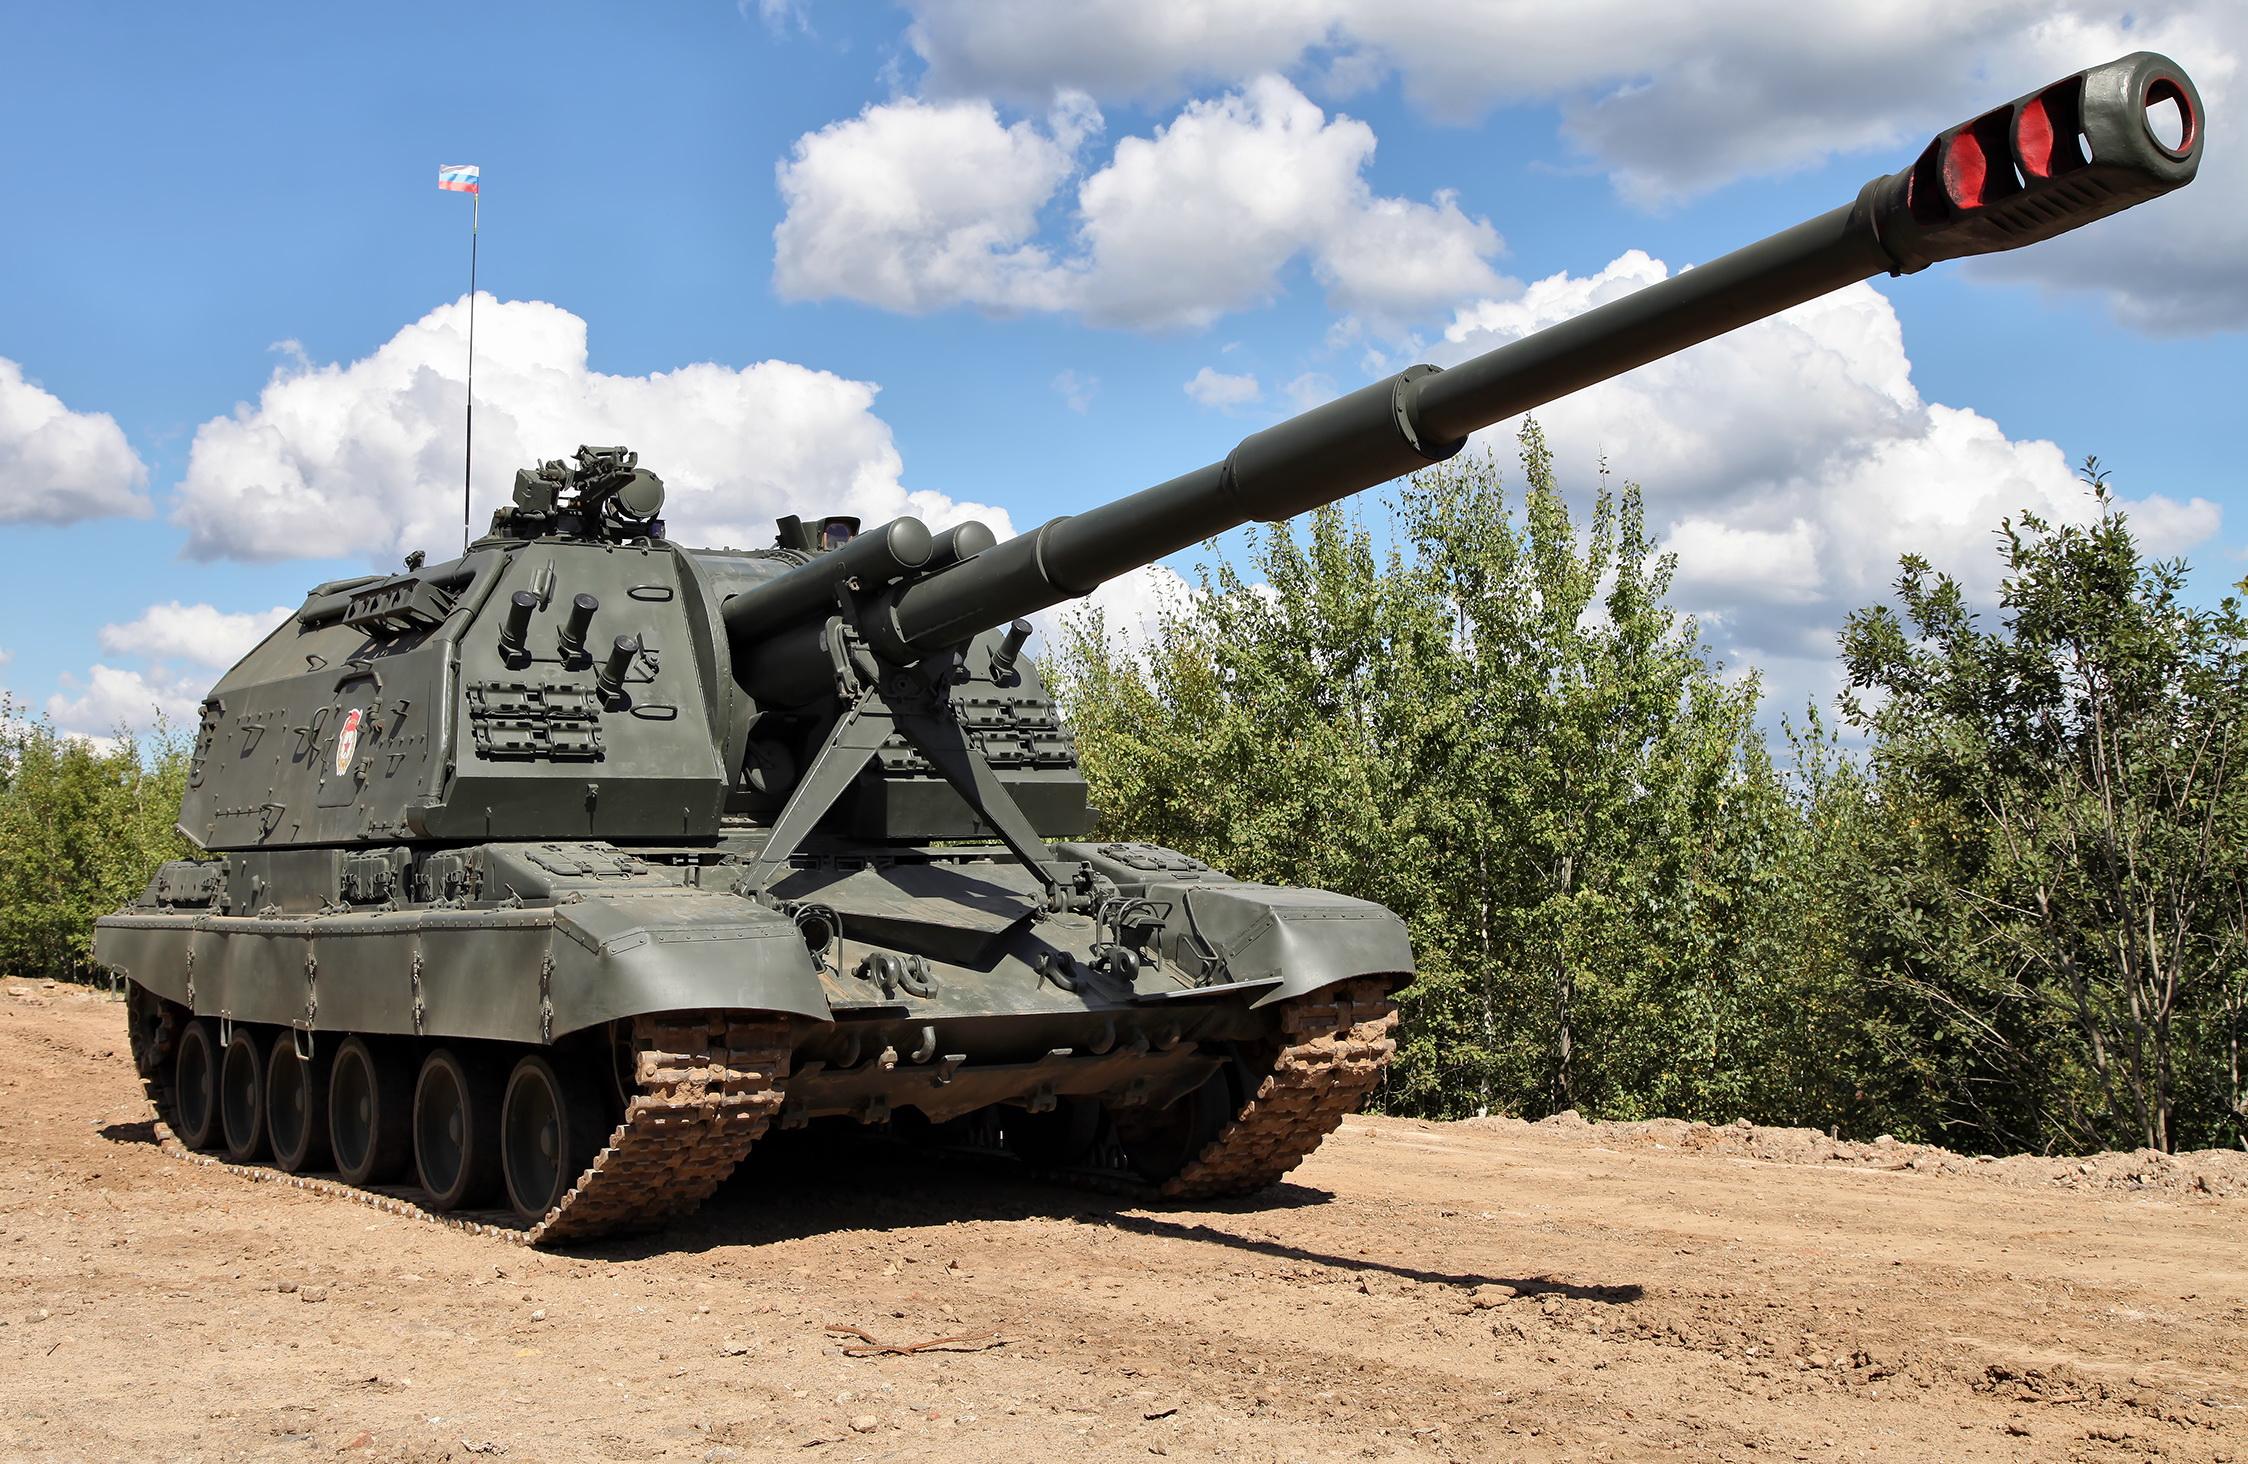 Msta-S - TankBiathlon2013-43.jpg